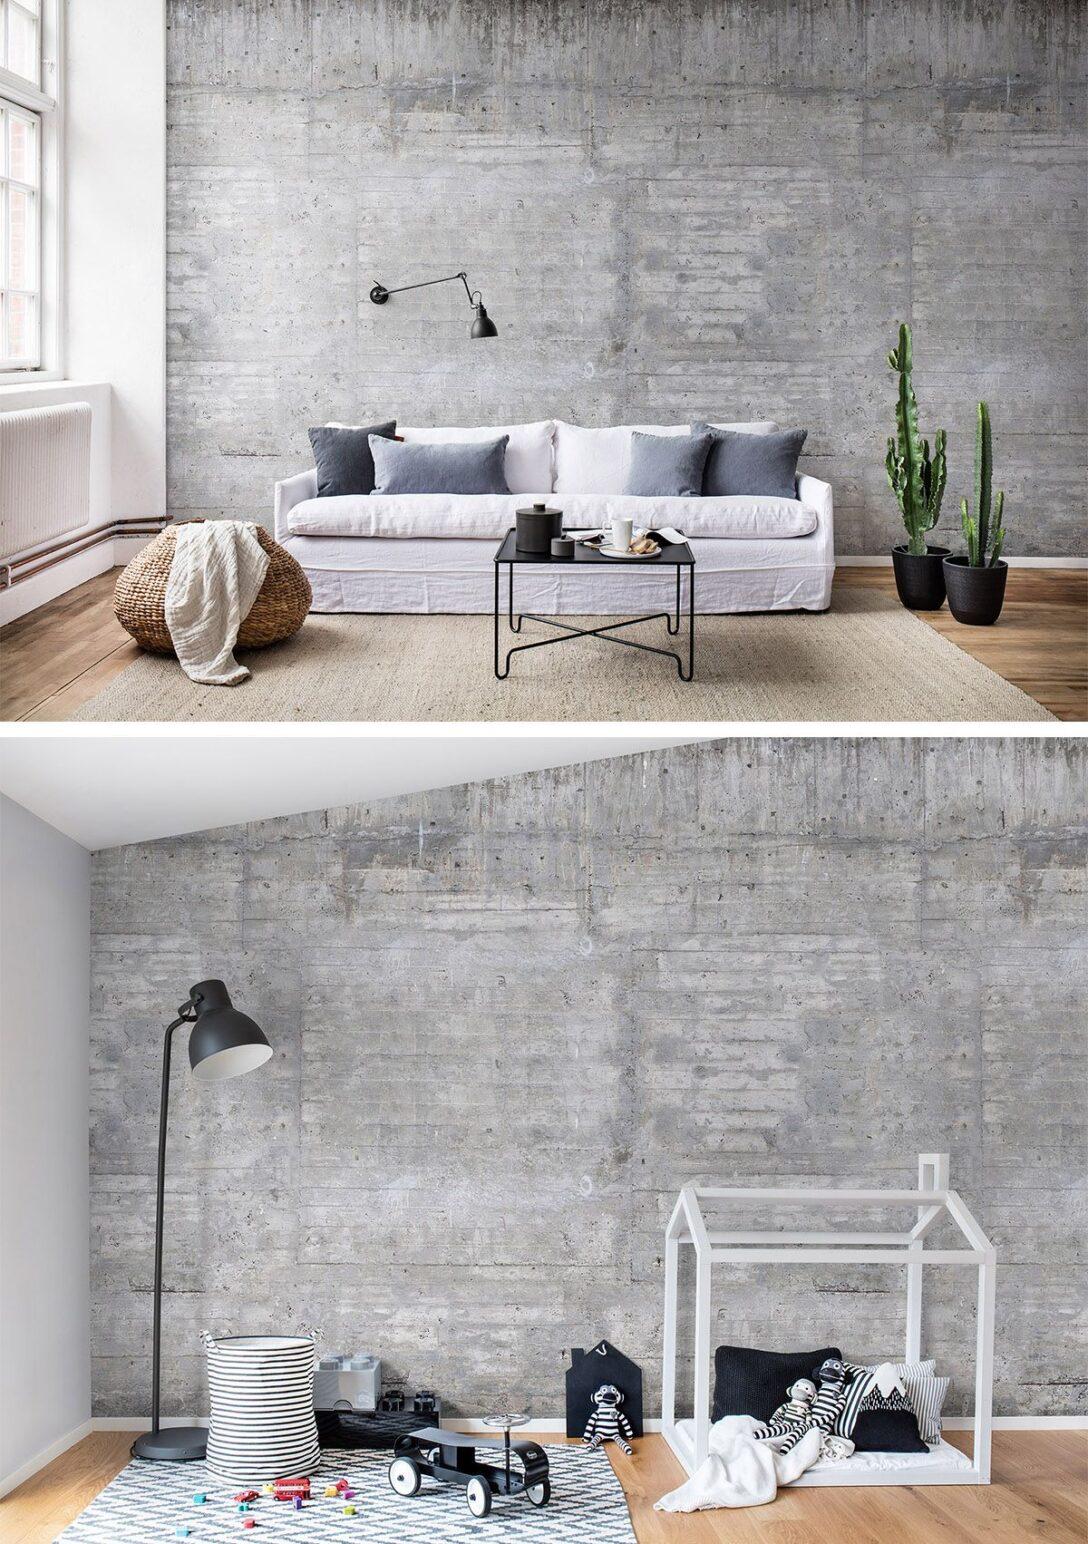 Large Size of Tapete Modern Wohnzimmer Wooden Concrete Mit Bildern Wandgestaltung Sofa Kleines Wandbilder Küche Led Deckenleuchte Beleuchtung Schlafzimmer Teppiche Wohnzimmer Tapete Modern Wohnzimmer